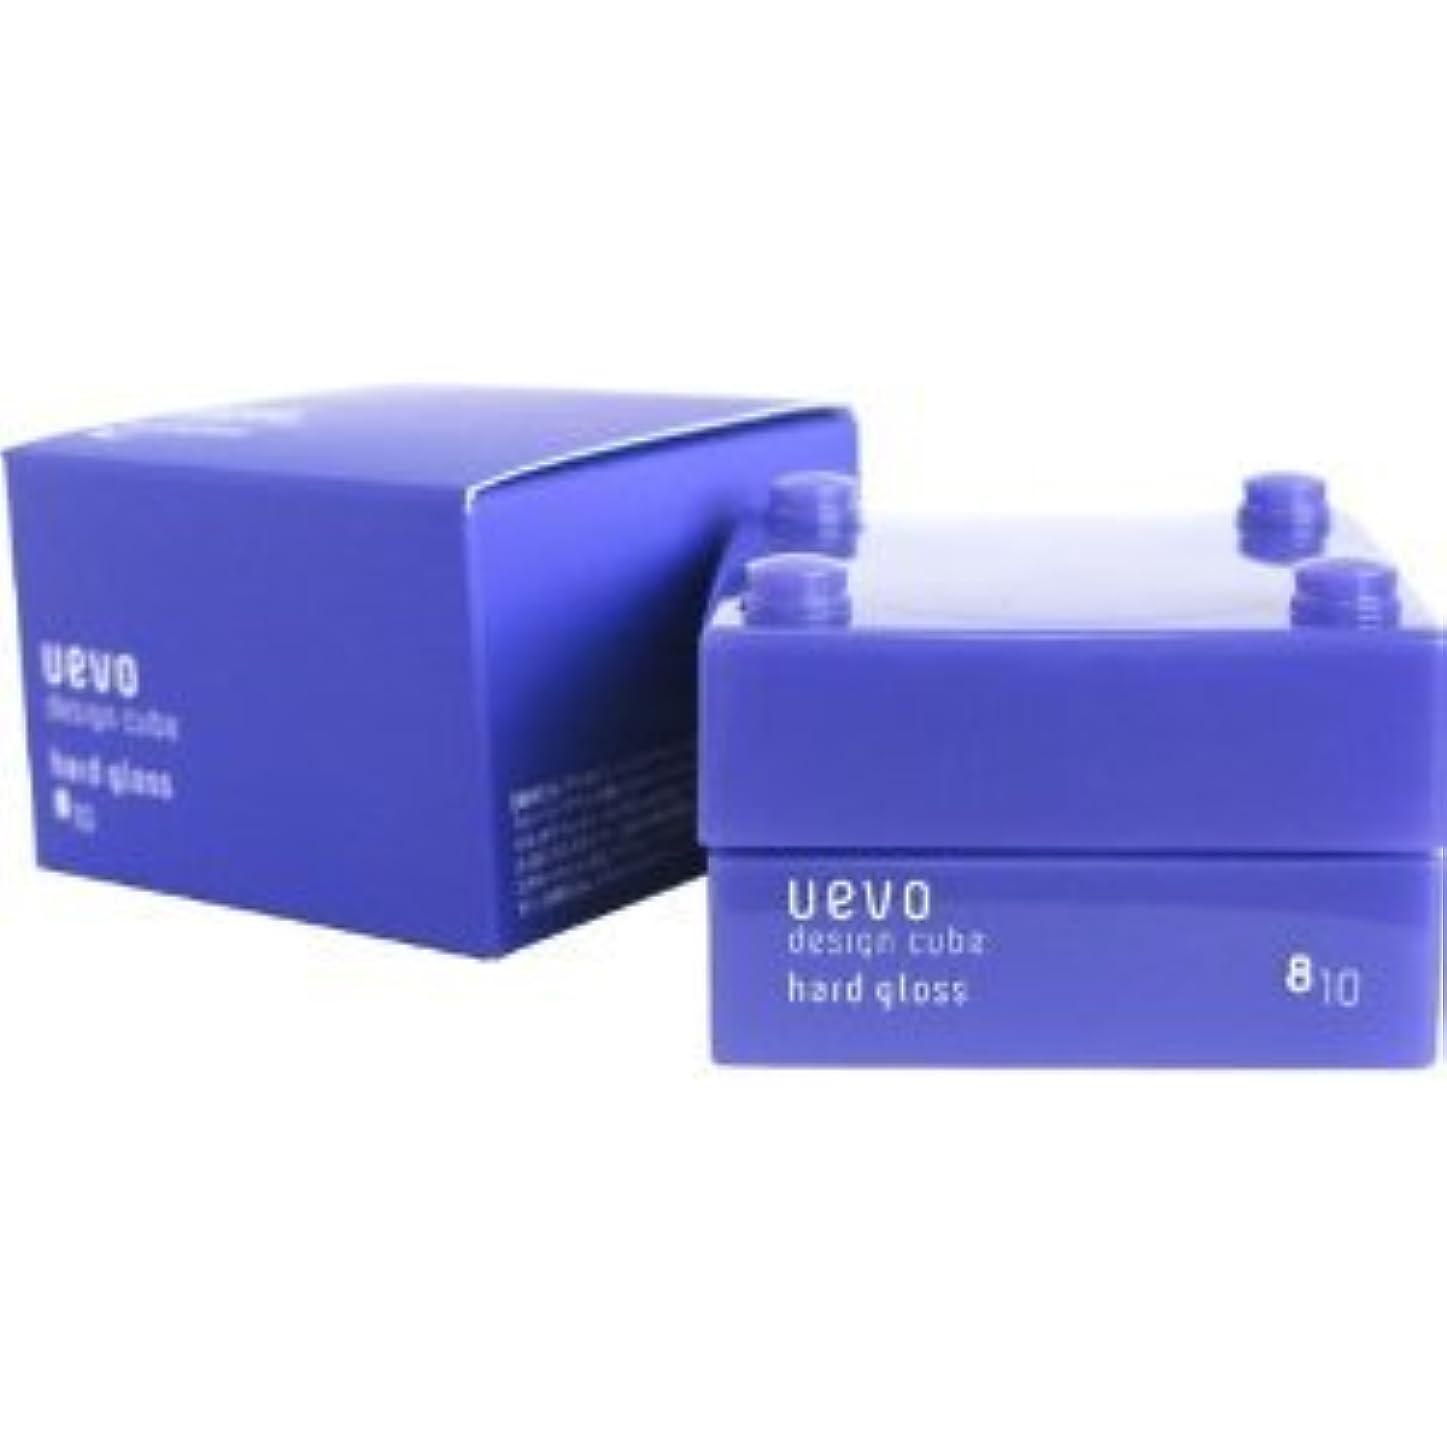 唇土面【X2個セット】 デミ ウェーボ デザインキューブ ハードグロス 30g hard gloss DEMI uevo design cube